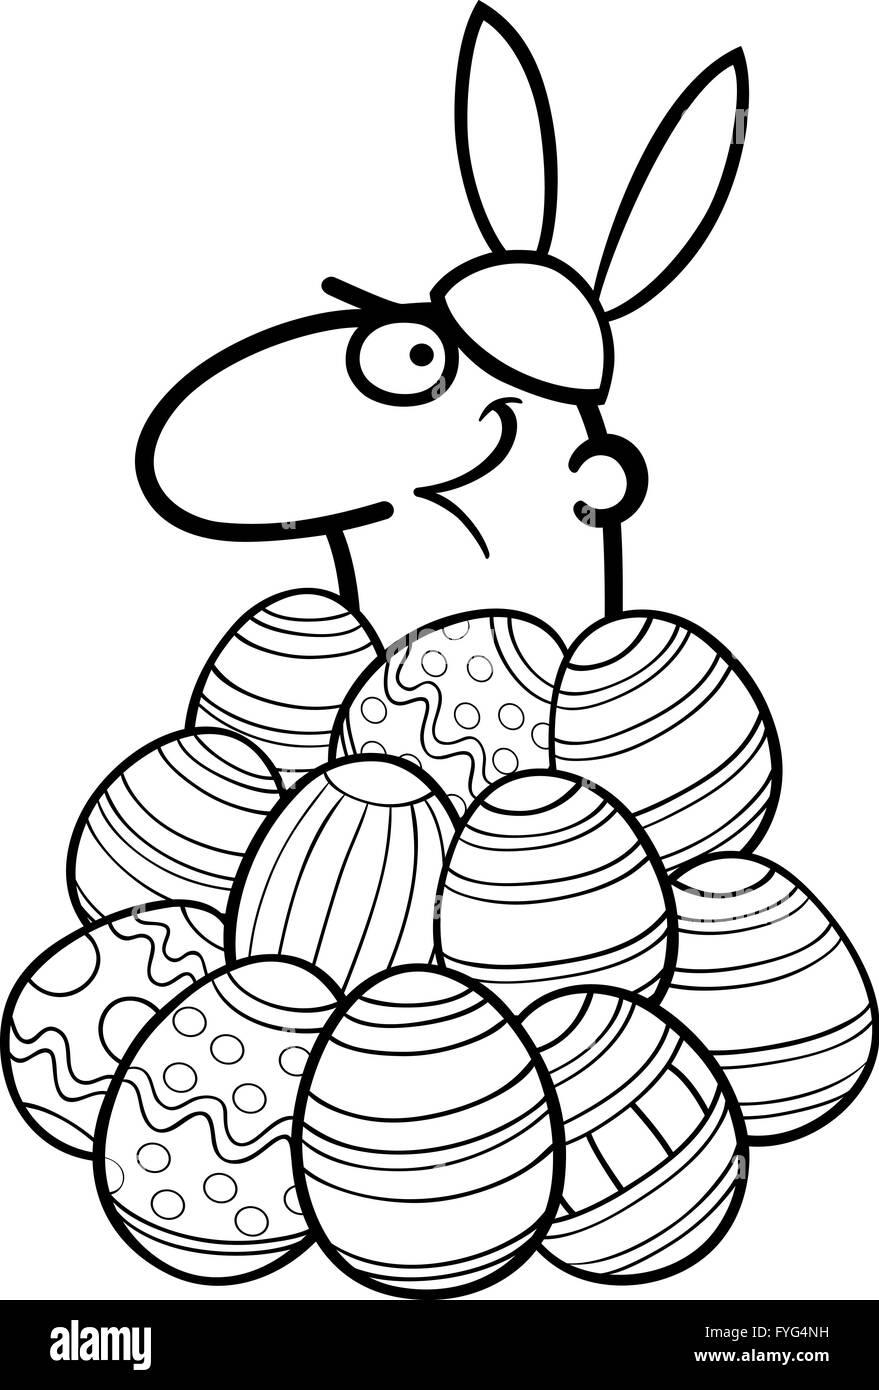 El Hombre Como Conejito De Pascua Para Colorear Dibujos Animados